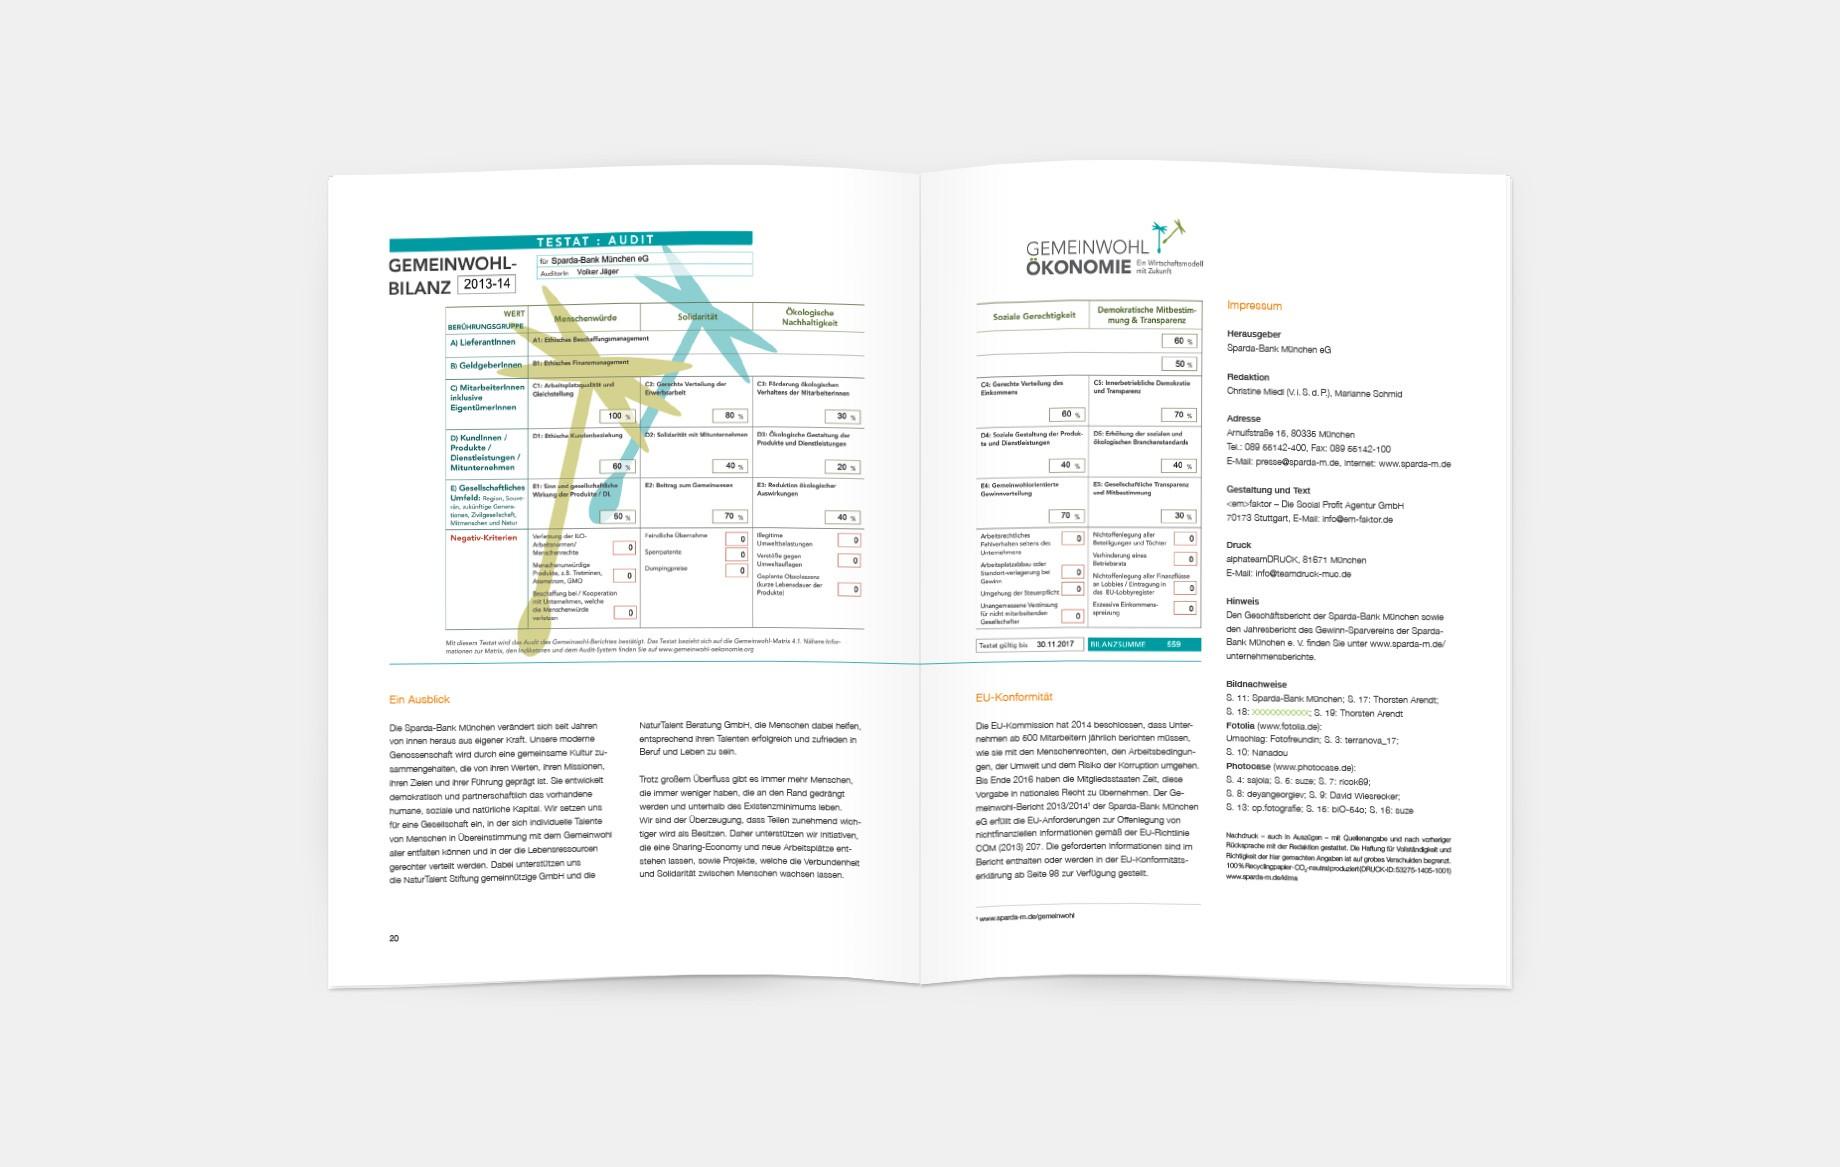 Am Ende jedes Kapitels verweist ein Piktogramm auf die Bewertungskriterien des aktuellen Testats, das ebenfalls in der Broschüre abgedruckt ist. So wird die bemerkenswerte Unternehmensphilosophie der Bank deutlich.